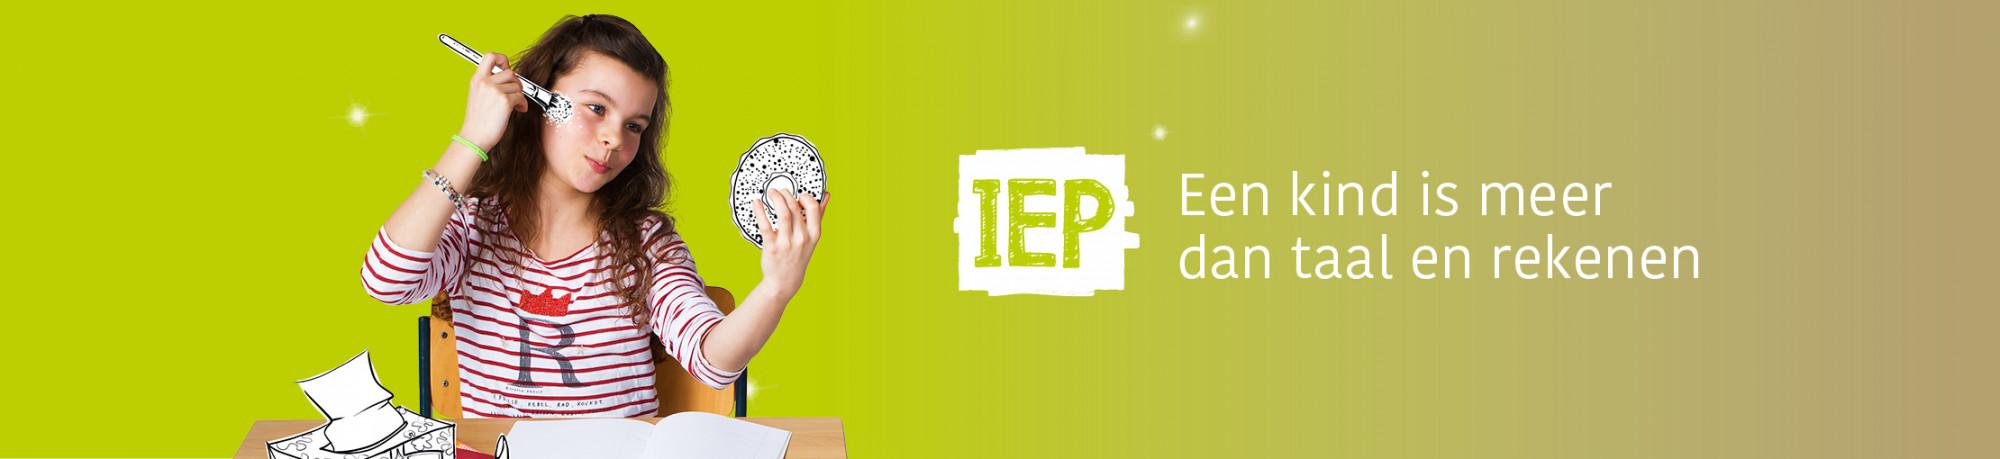 IEP referentie scholen